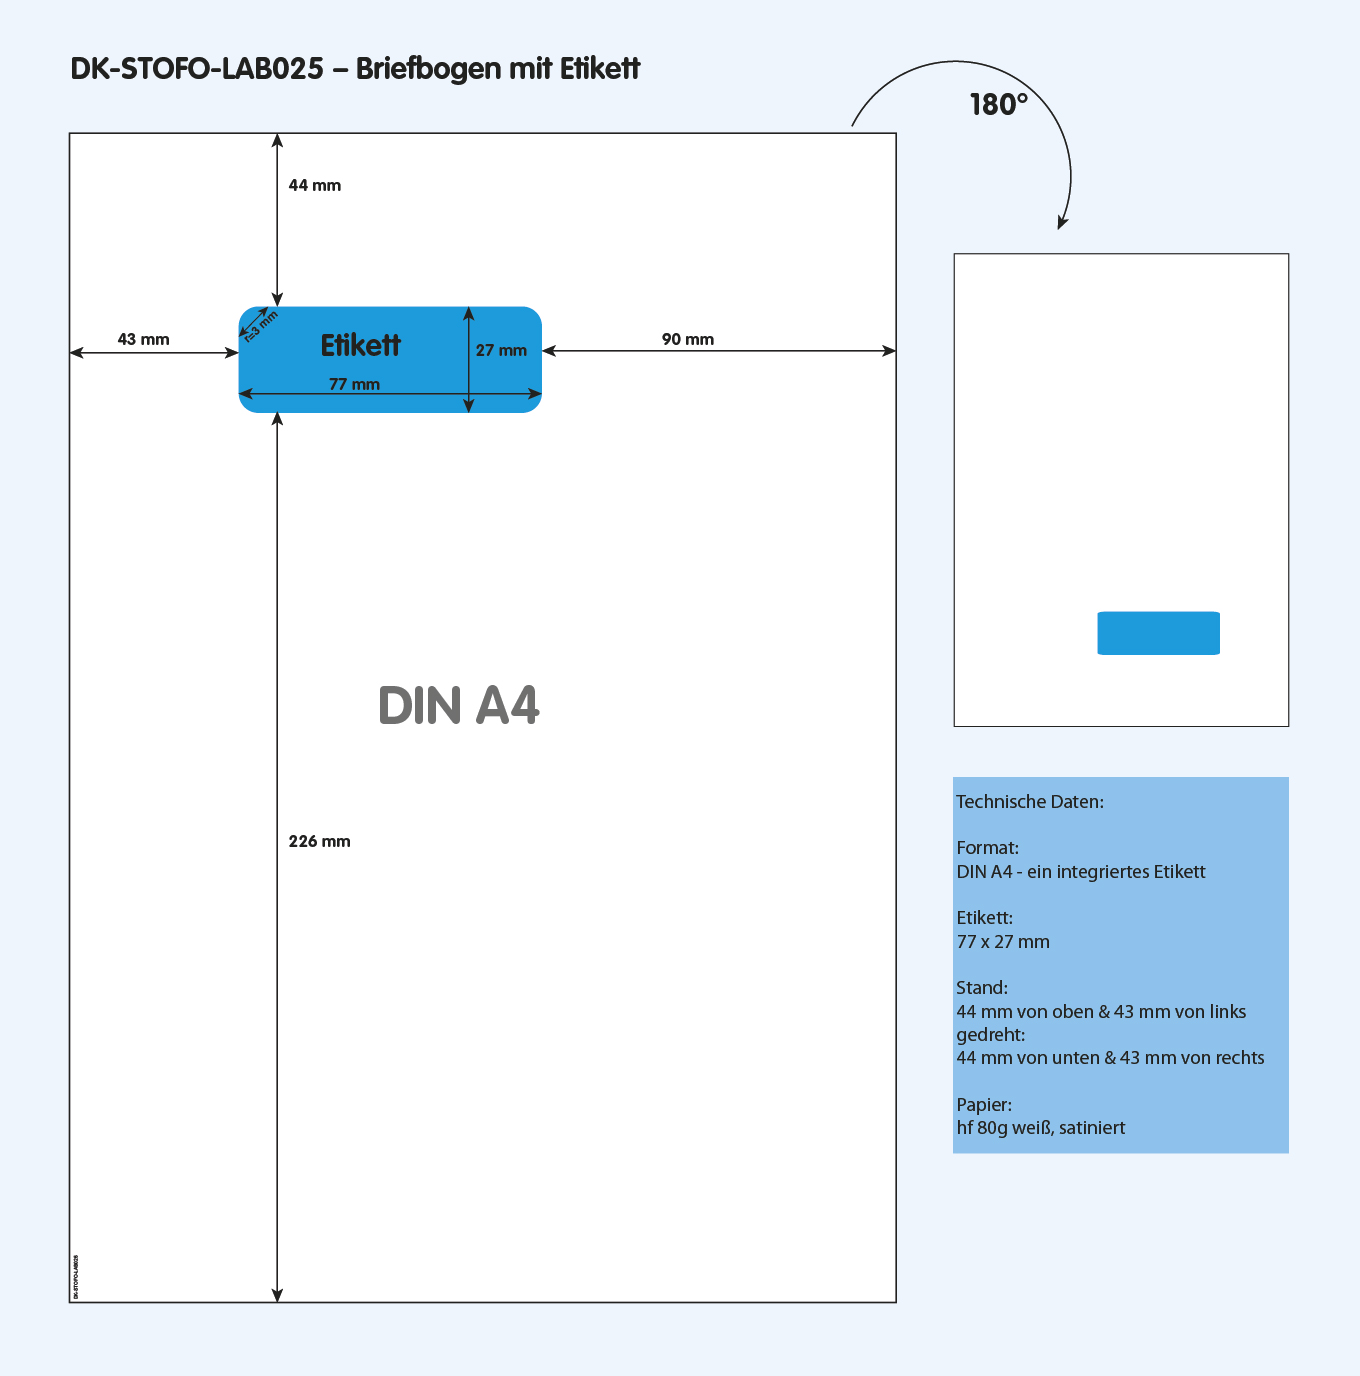 DK-STOFO-LAB025 - technische Zeichnung